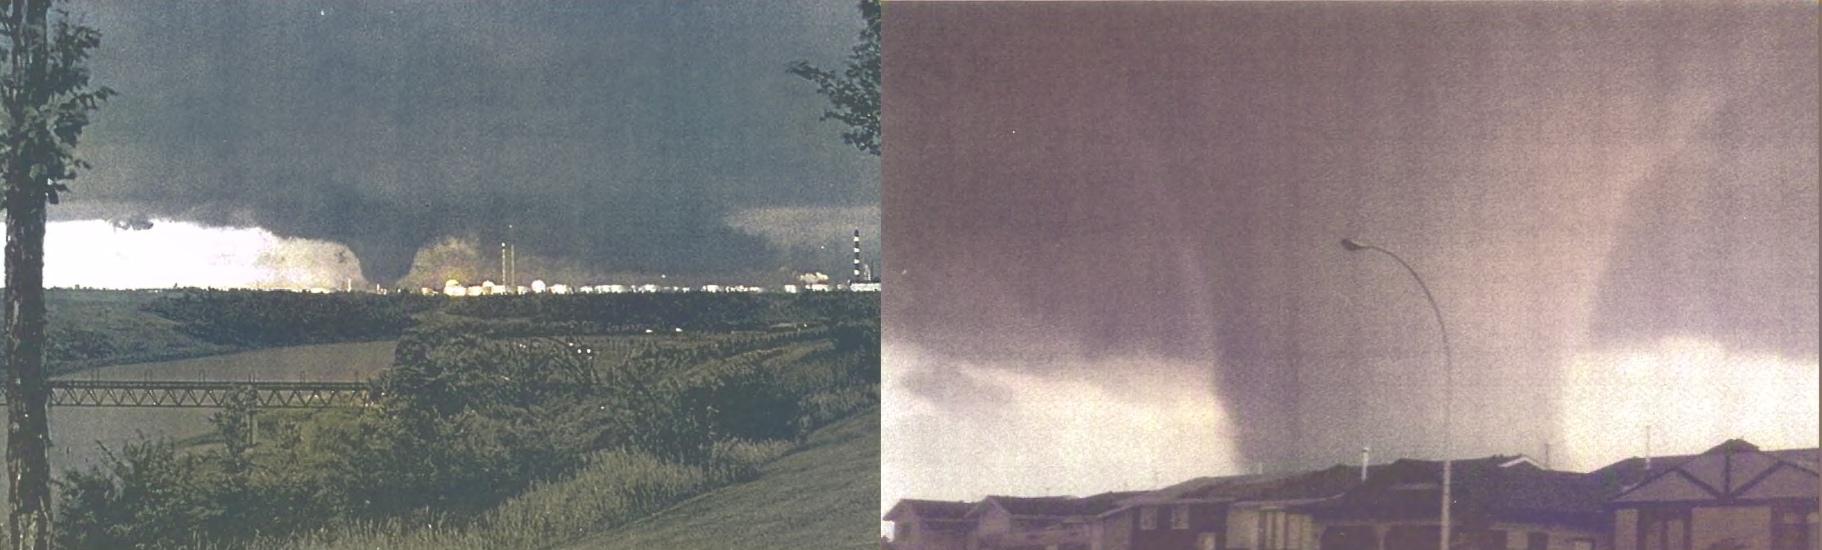 A massive tornado tore through Edmonton 34 years ago this week